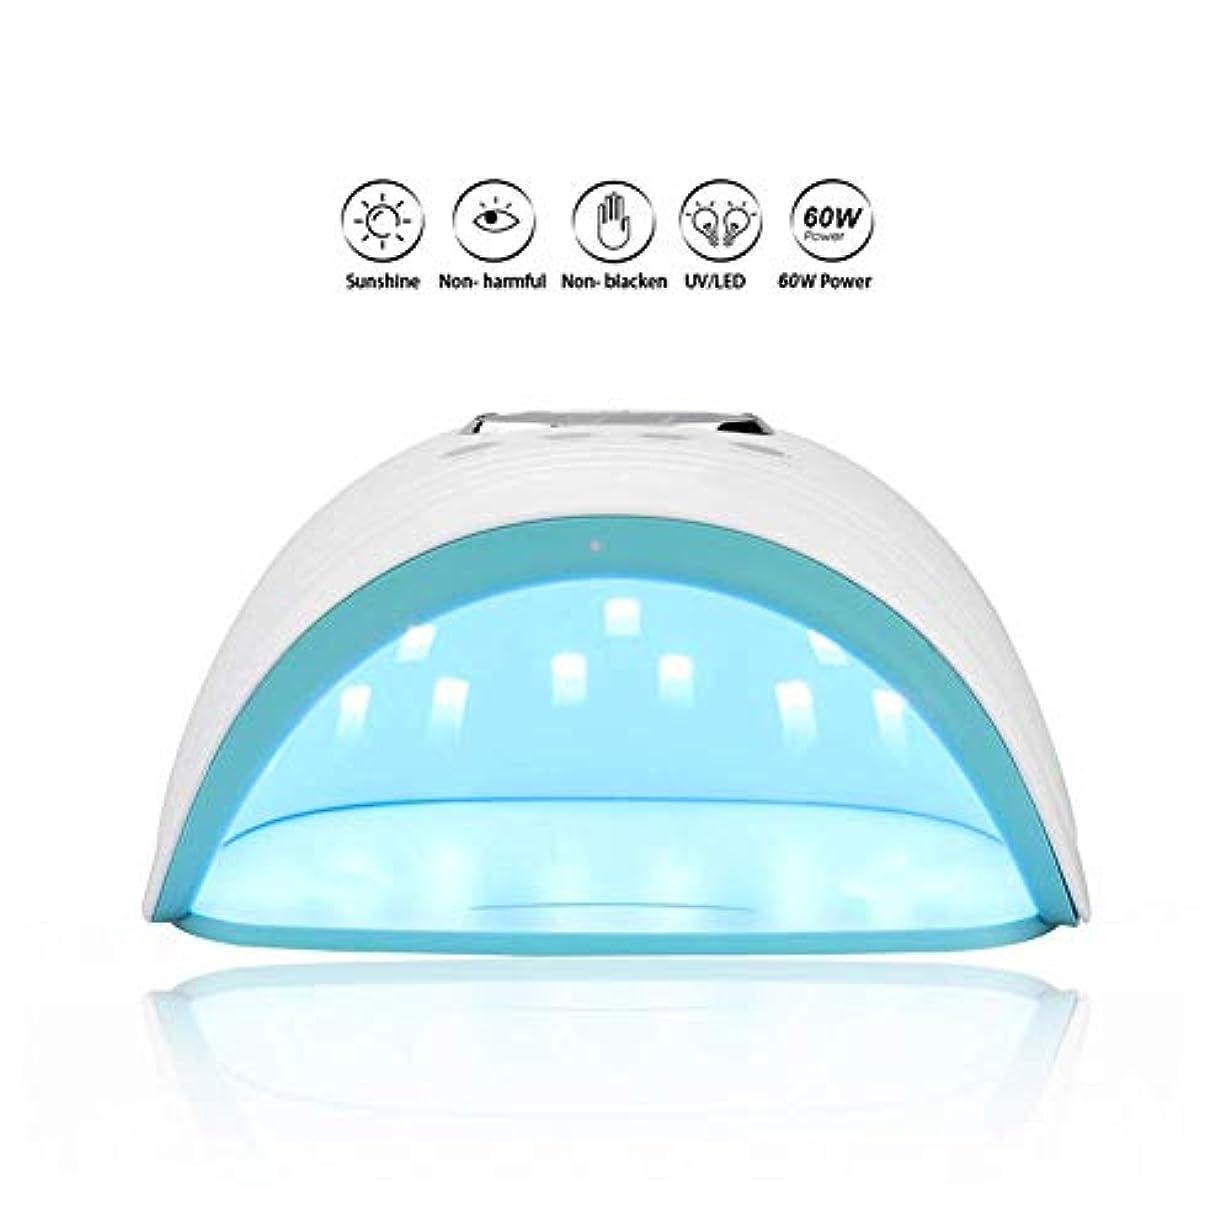 エジプト人可愛いワット60ワットuv ledネイルランプ30レッズスマートネイルドライヤー光線療法マニキュアツール硬化ネイルジェルポリッシュネイルツールレッドブルーライト